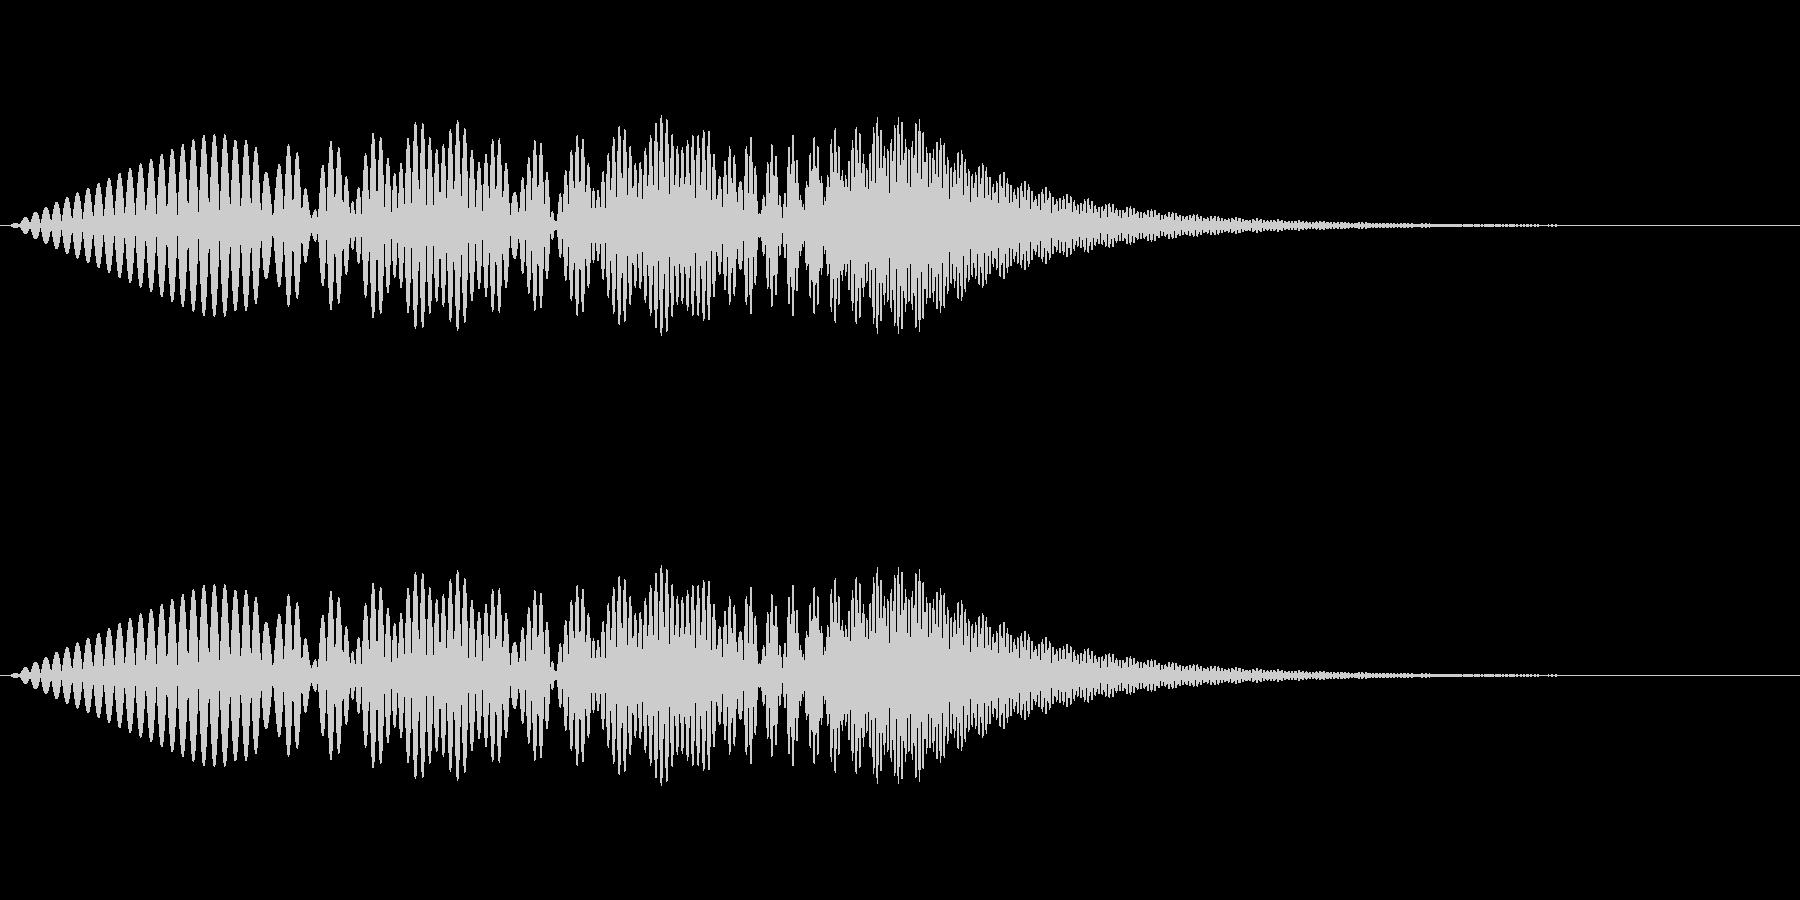 シンプルな決定音:ゲームやアプリなどにの未再生の波形